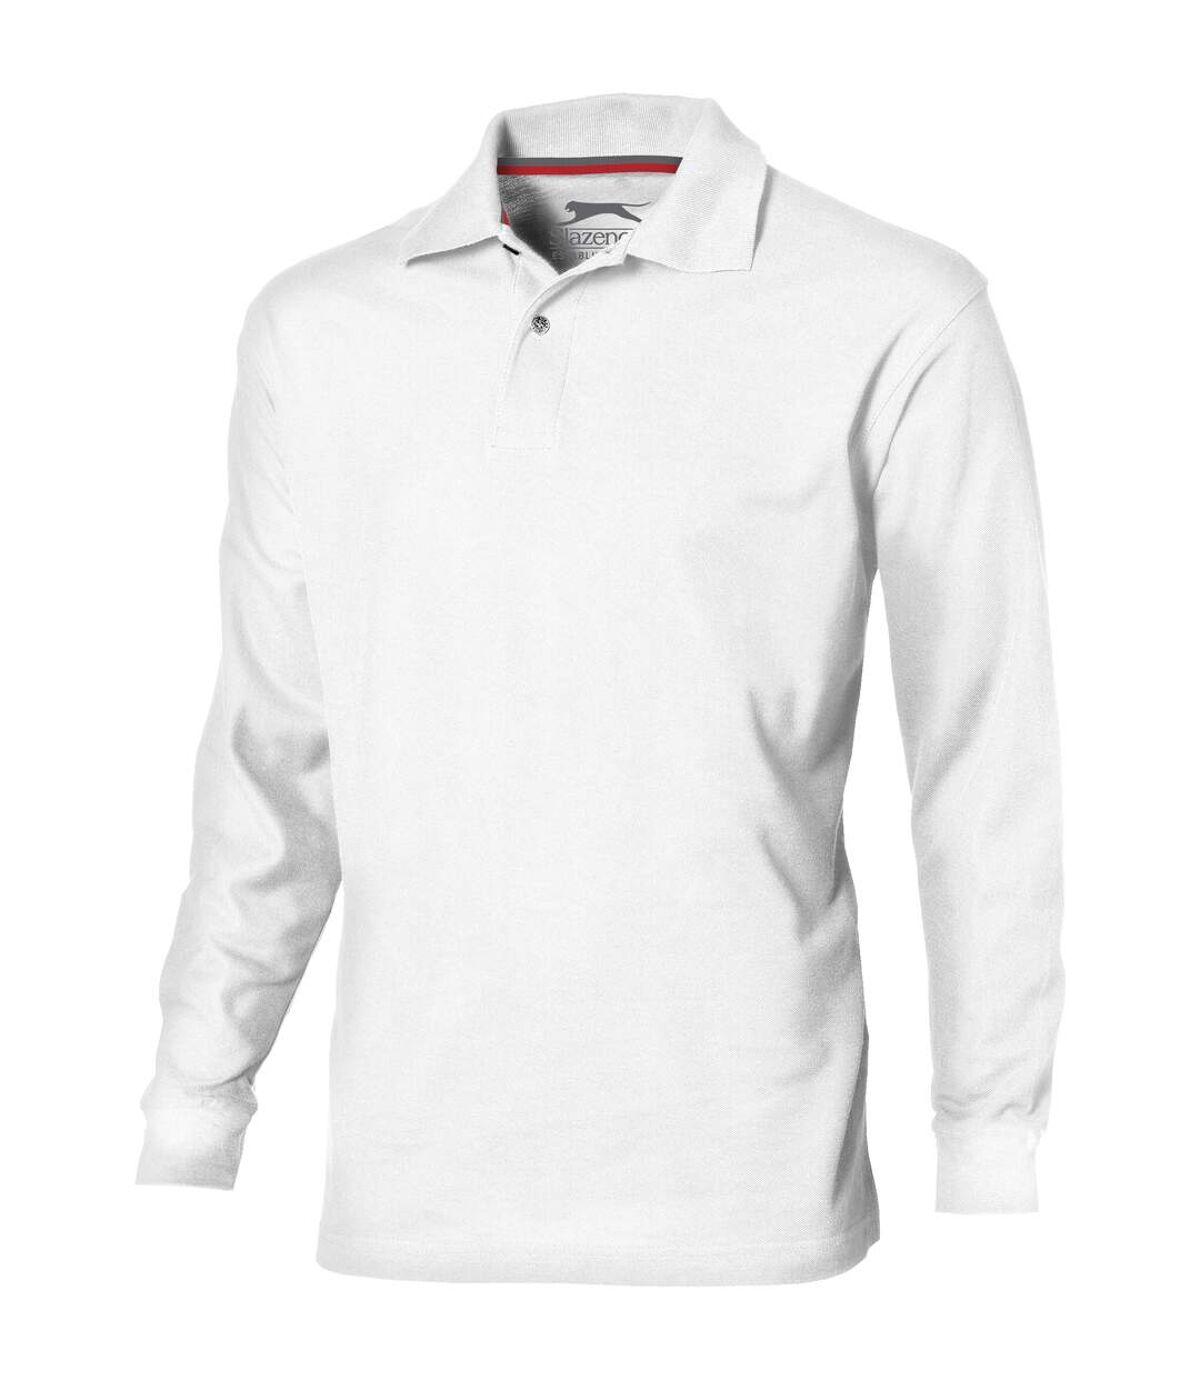 Slazenger Mens Point Long Sleeve Polo Shirt (White) - UTPF1744